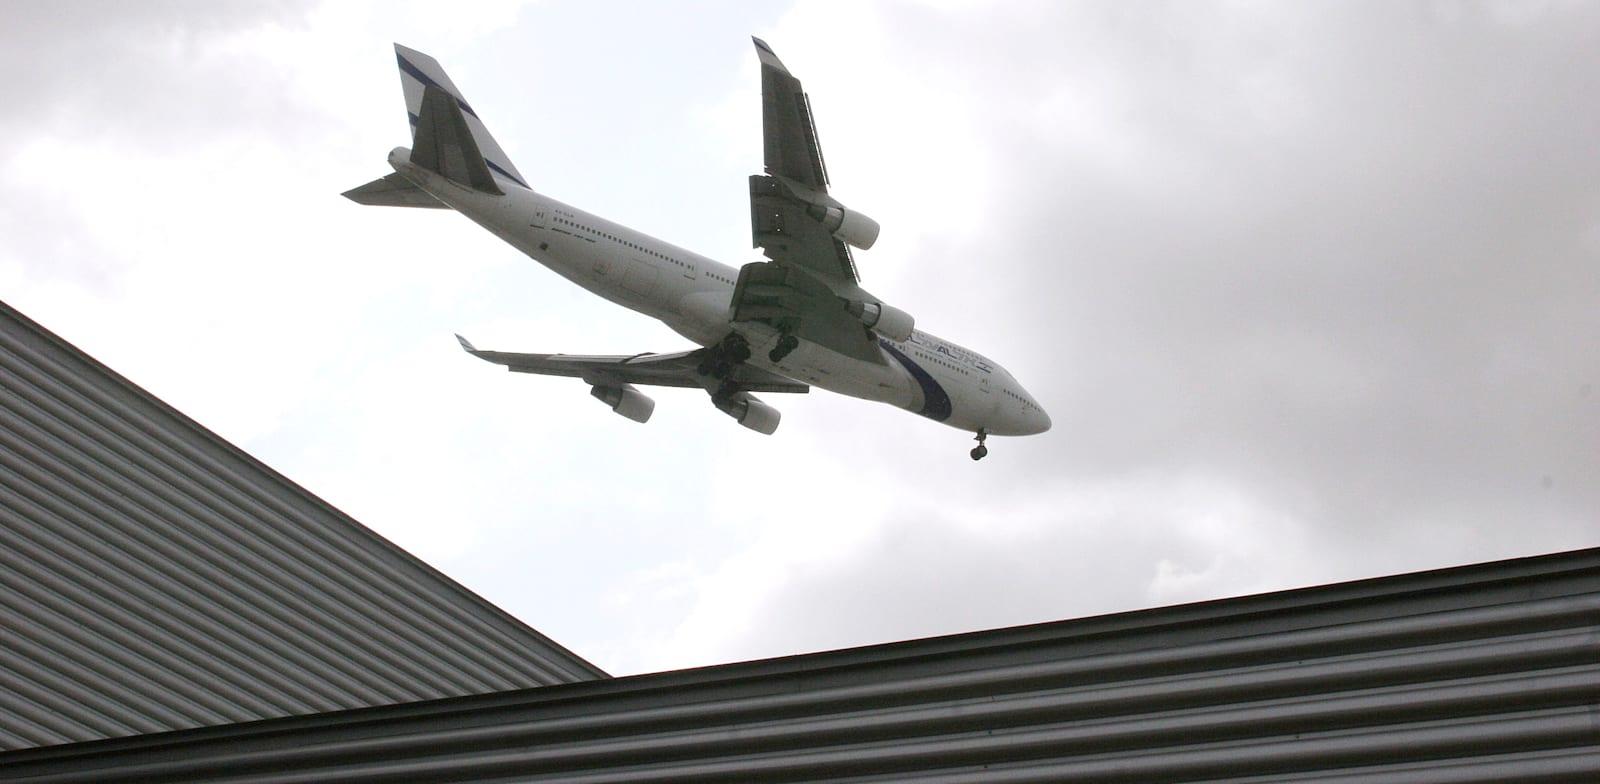 מטוס של אל על / צילום: עינת לברון